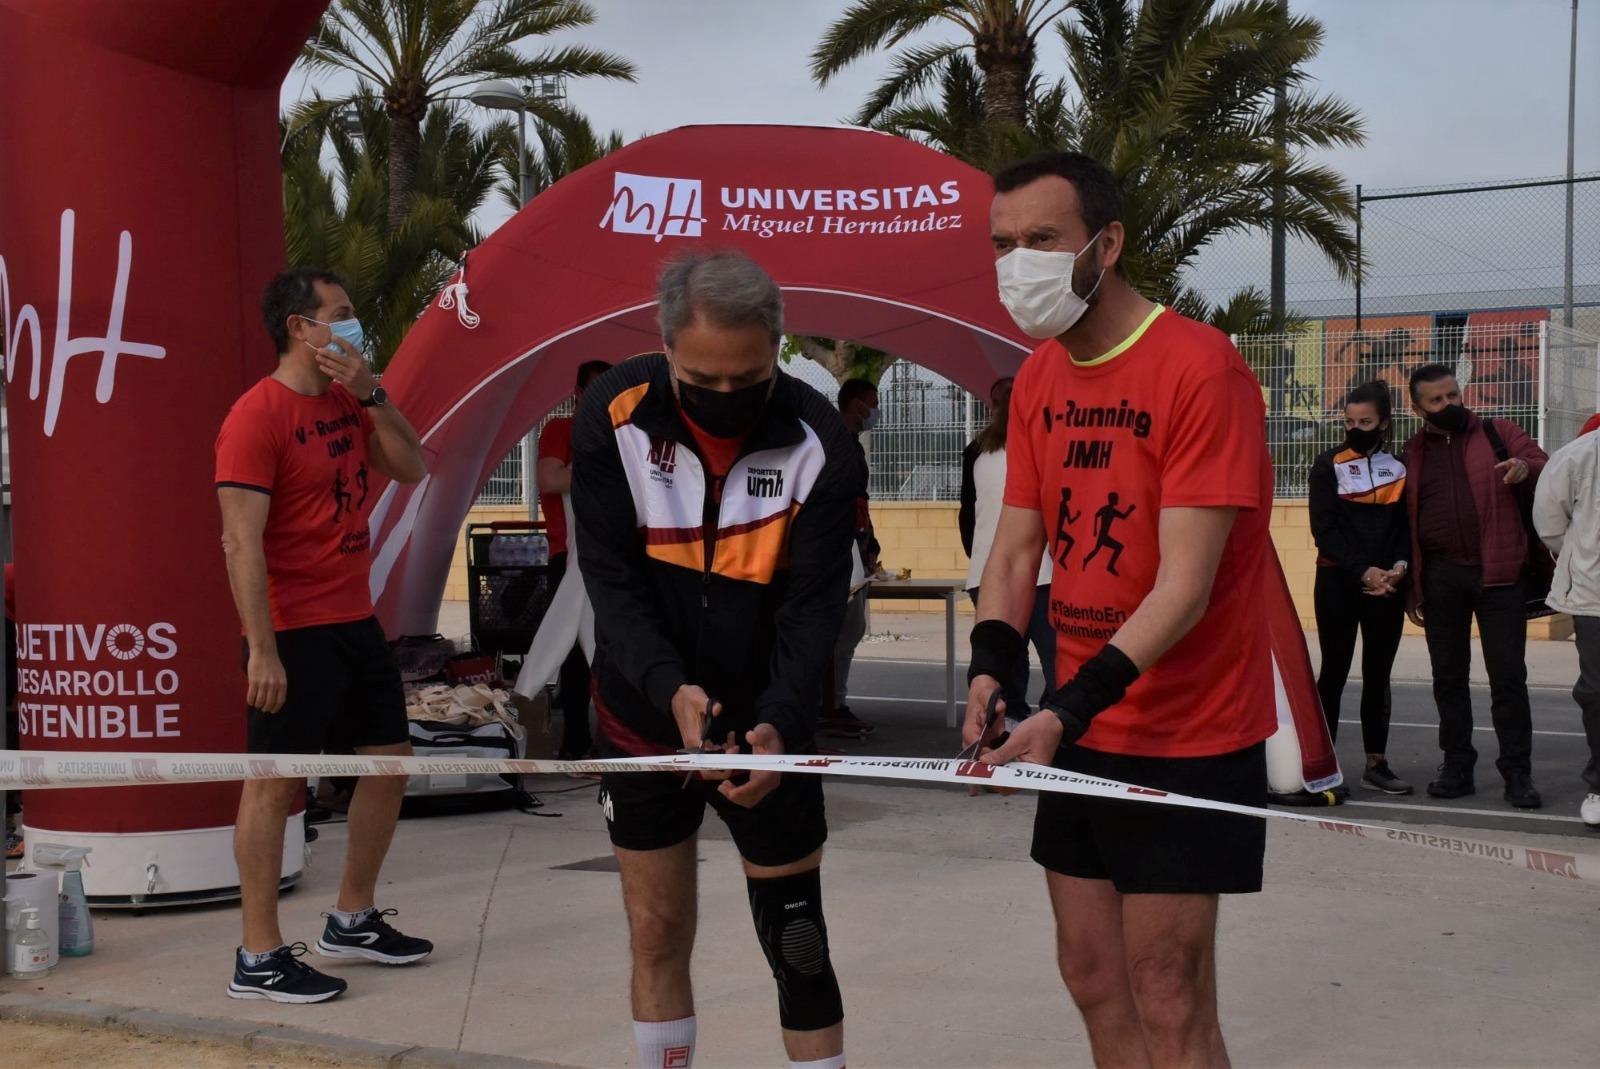 UMH inauguran el Circuito V-Running en el campus de Elche